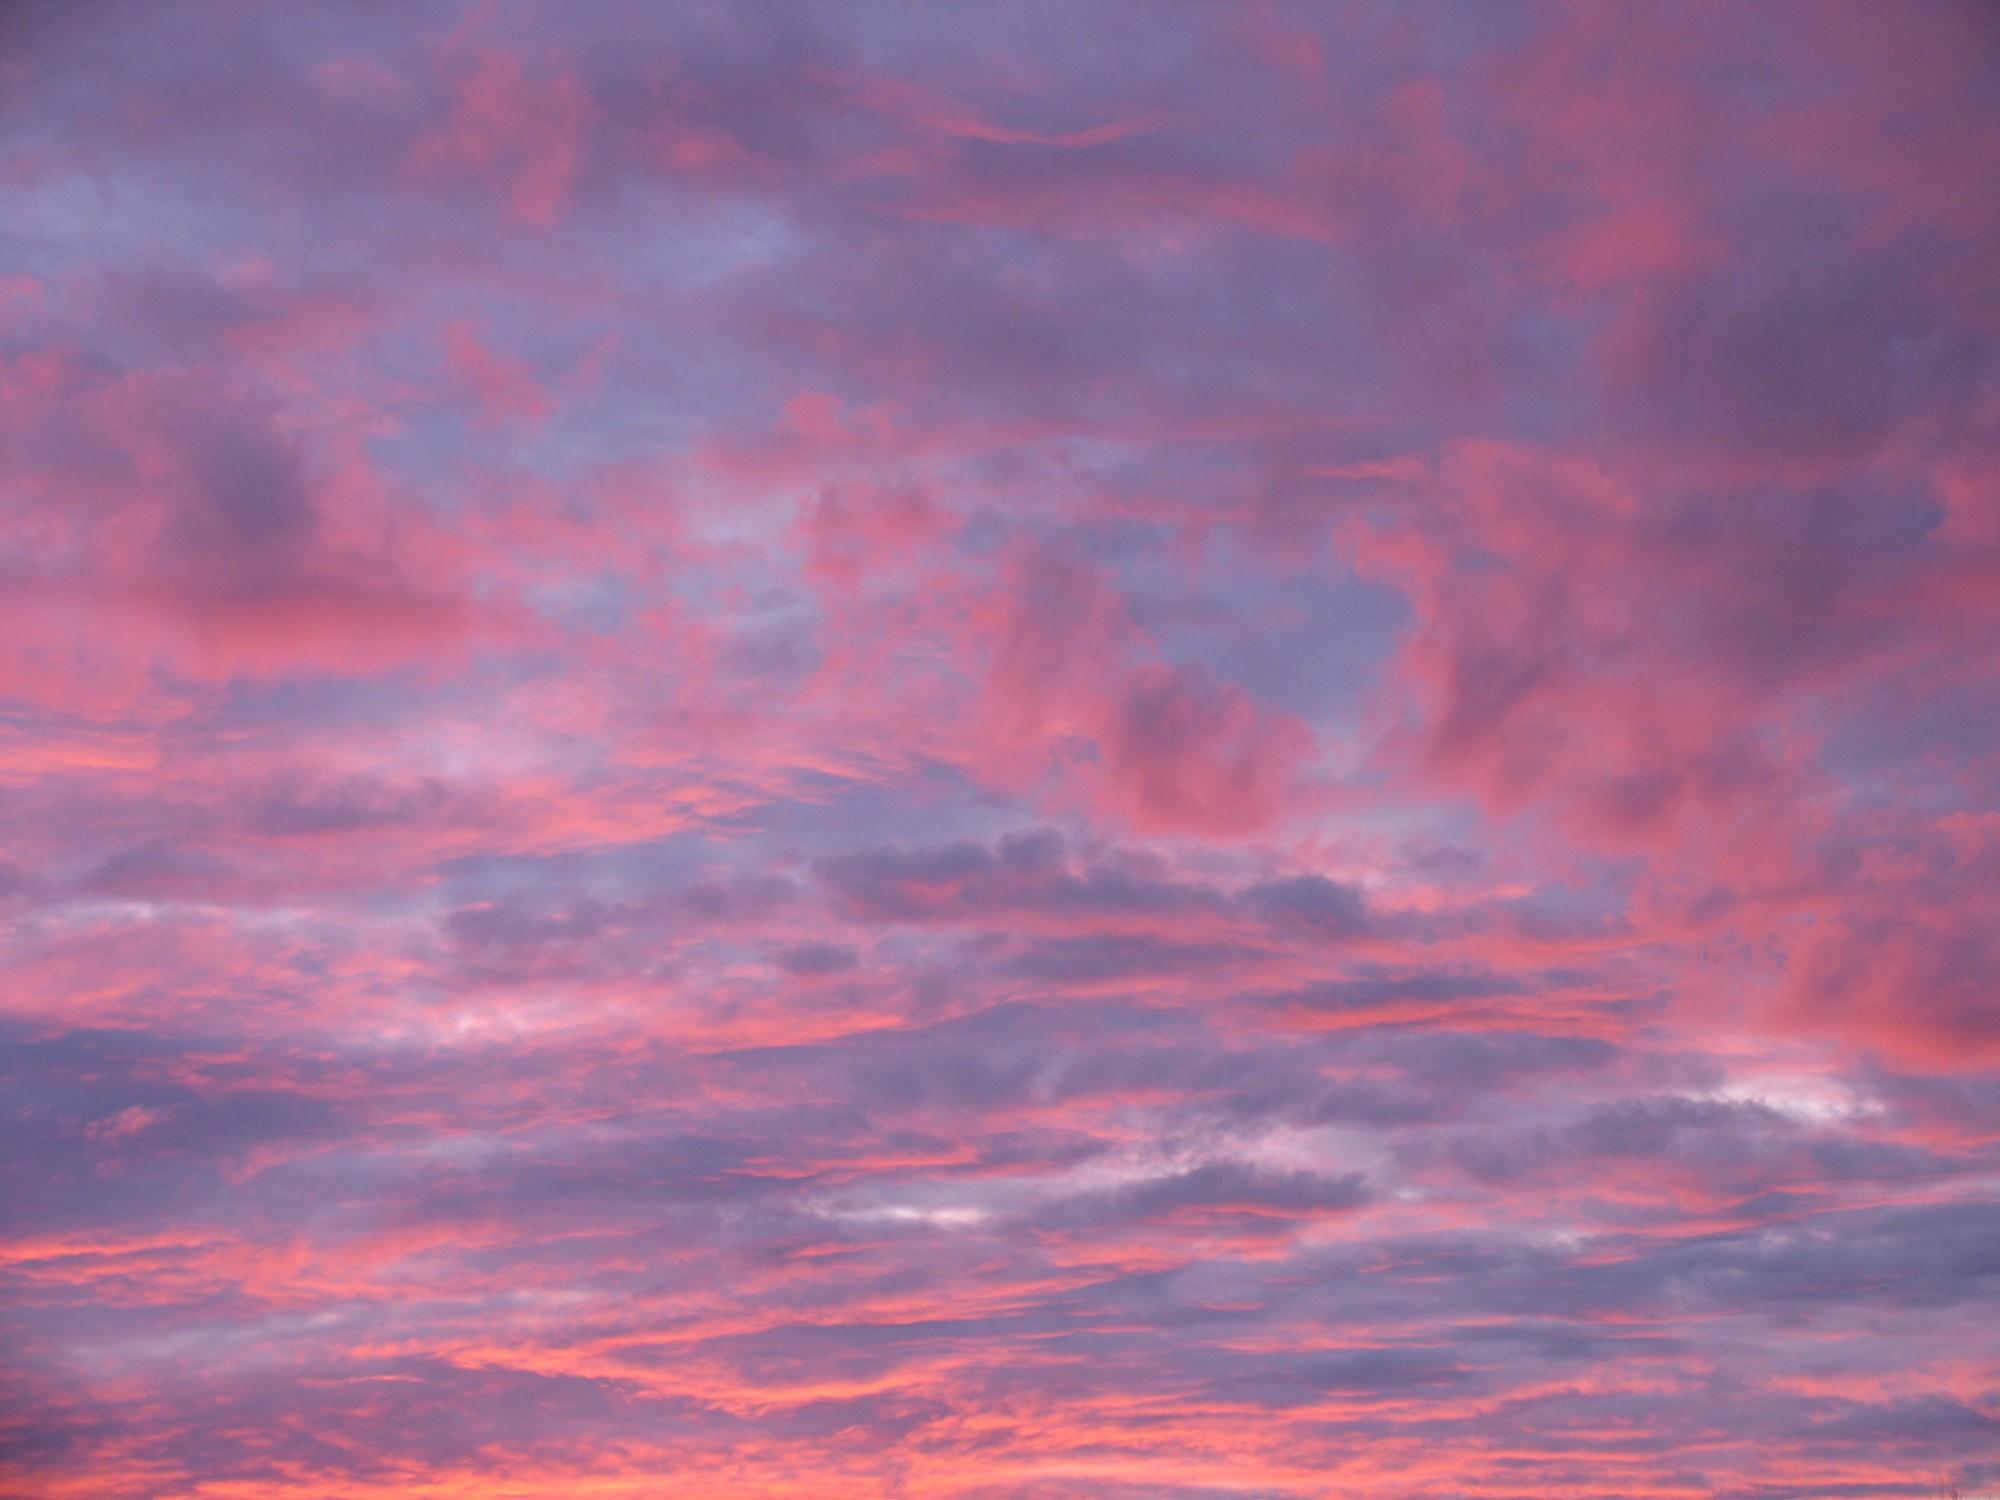 как сделать розовое небо на фото церковь утверждает